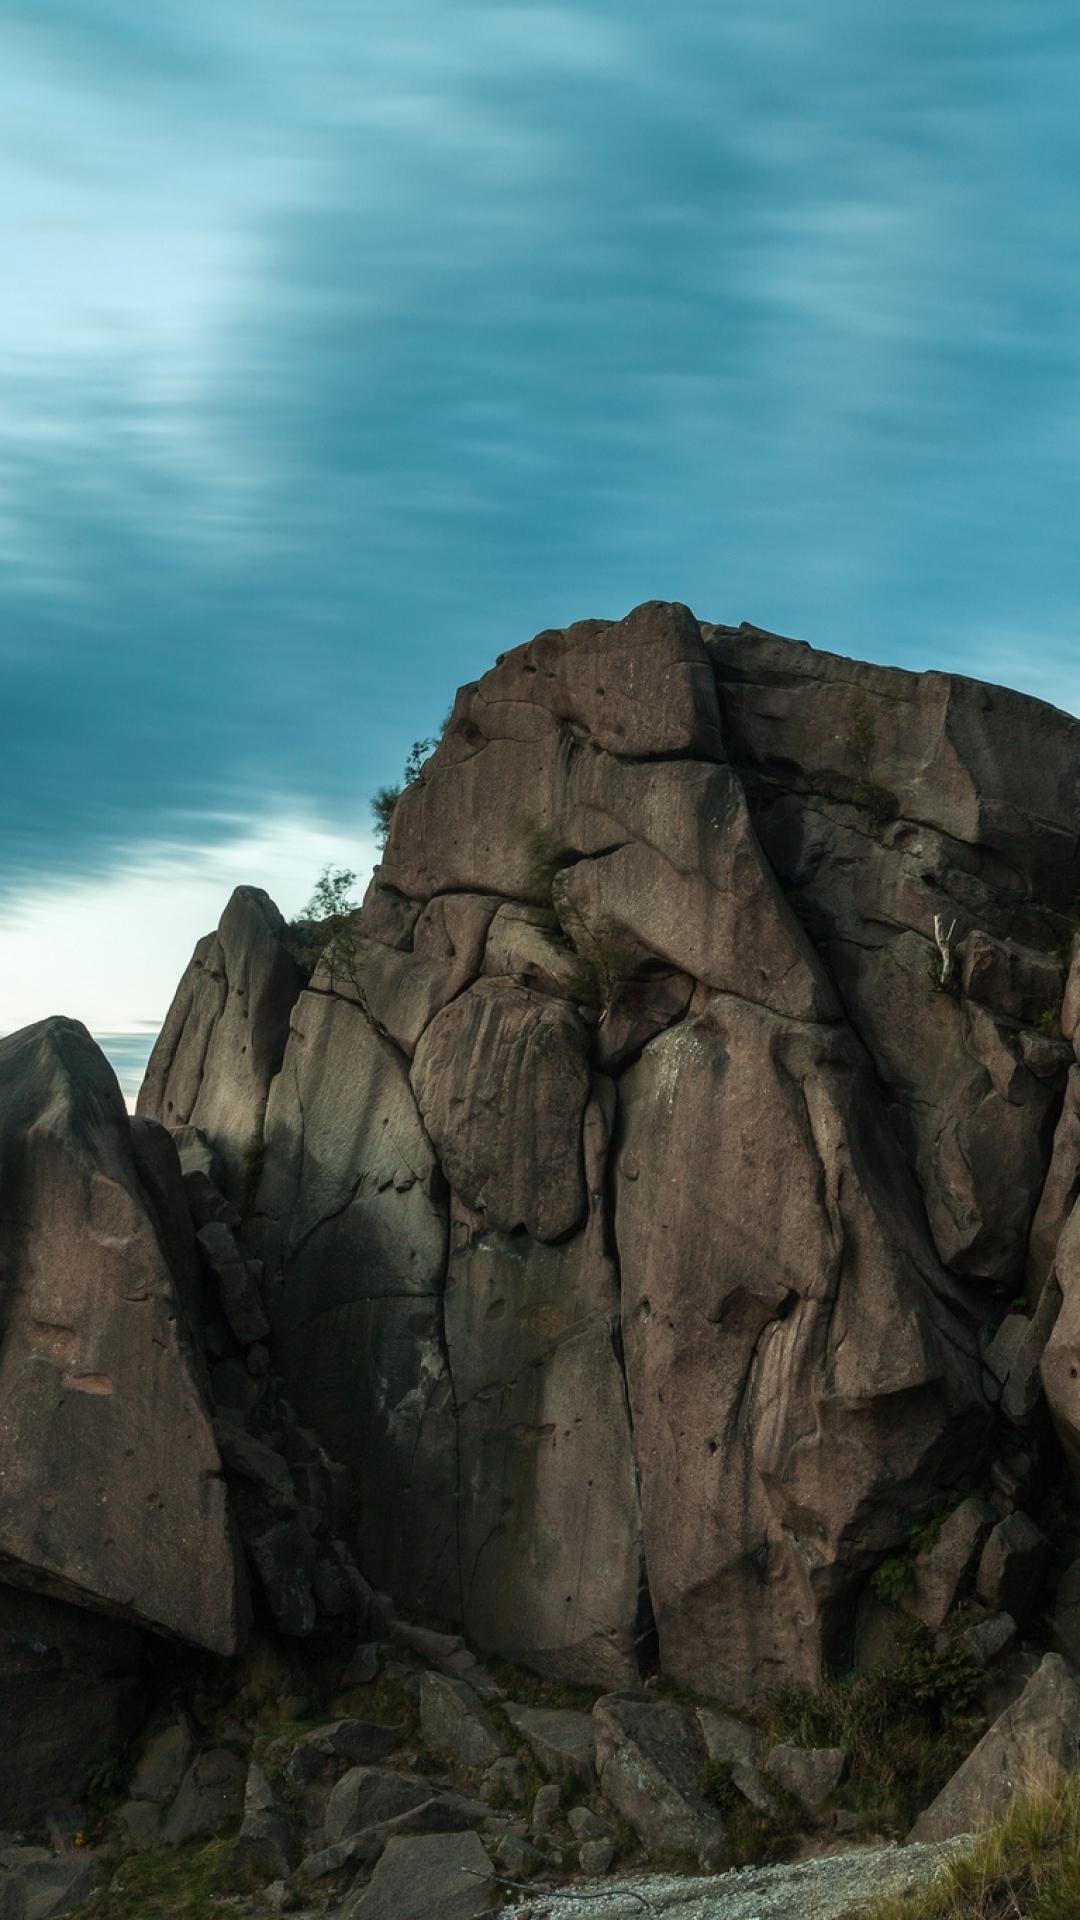 rocks trees clouds evening 84814 1080x1920 3Wallpapers : notre sélection de fonds d'écran du 29/09/2017